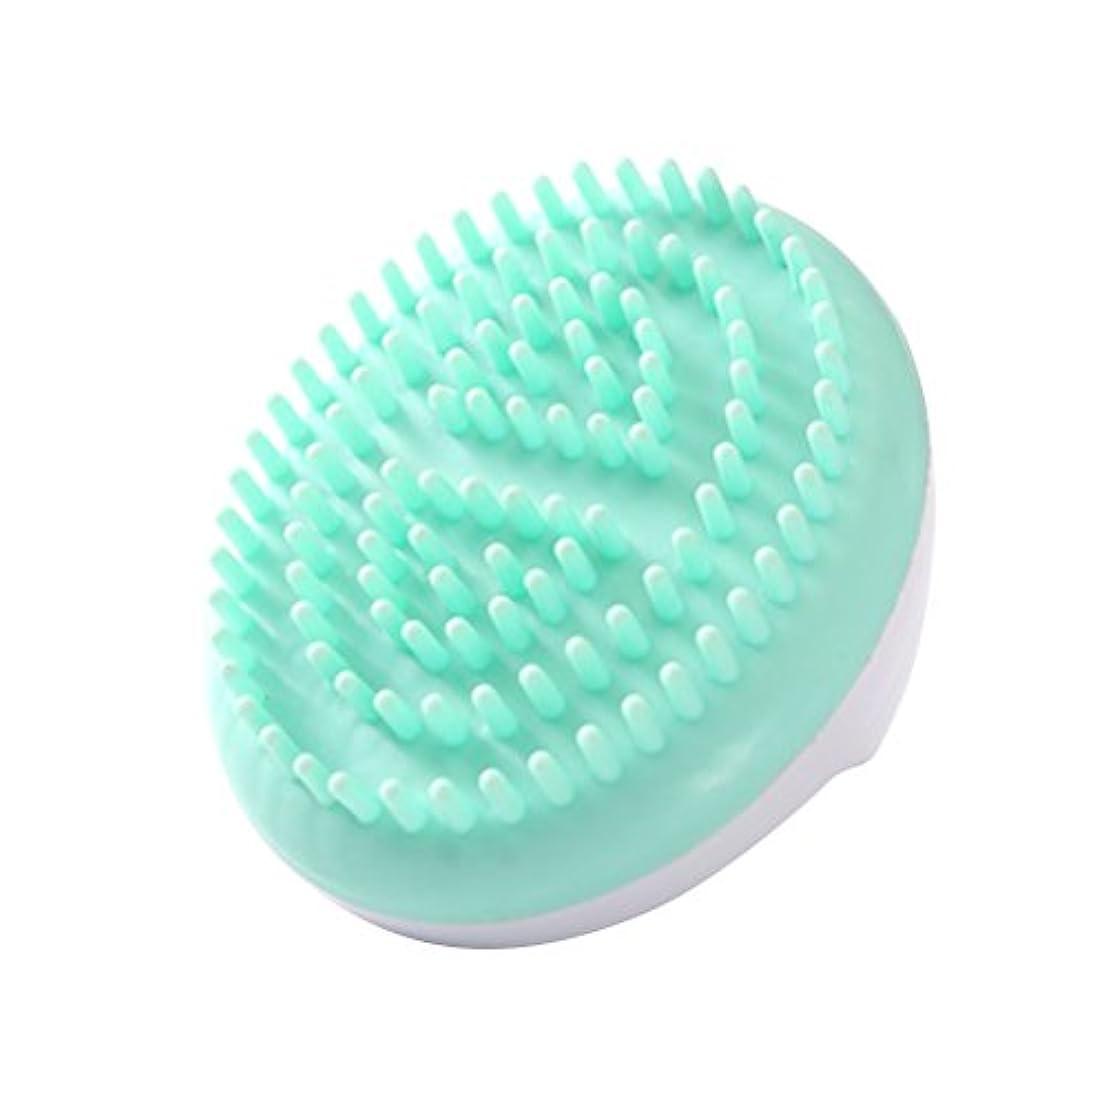 カメ子供達ビームLURROSE セルライトマッサージブラシ手持ち風呂ブラシ抗セルライト痩身美容マッサージブラシ(グリーン)